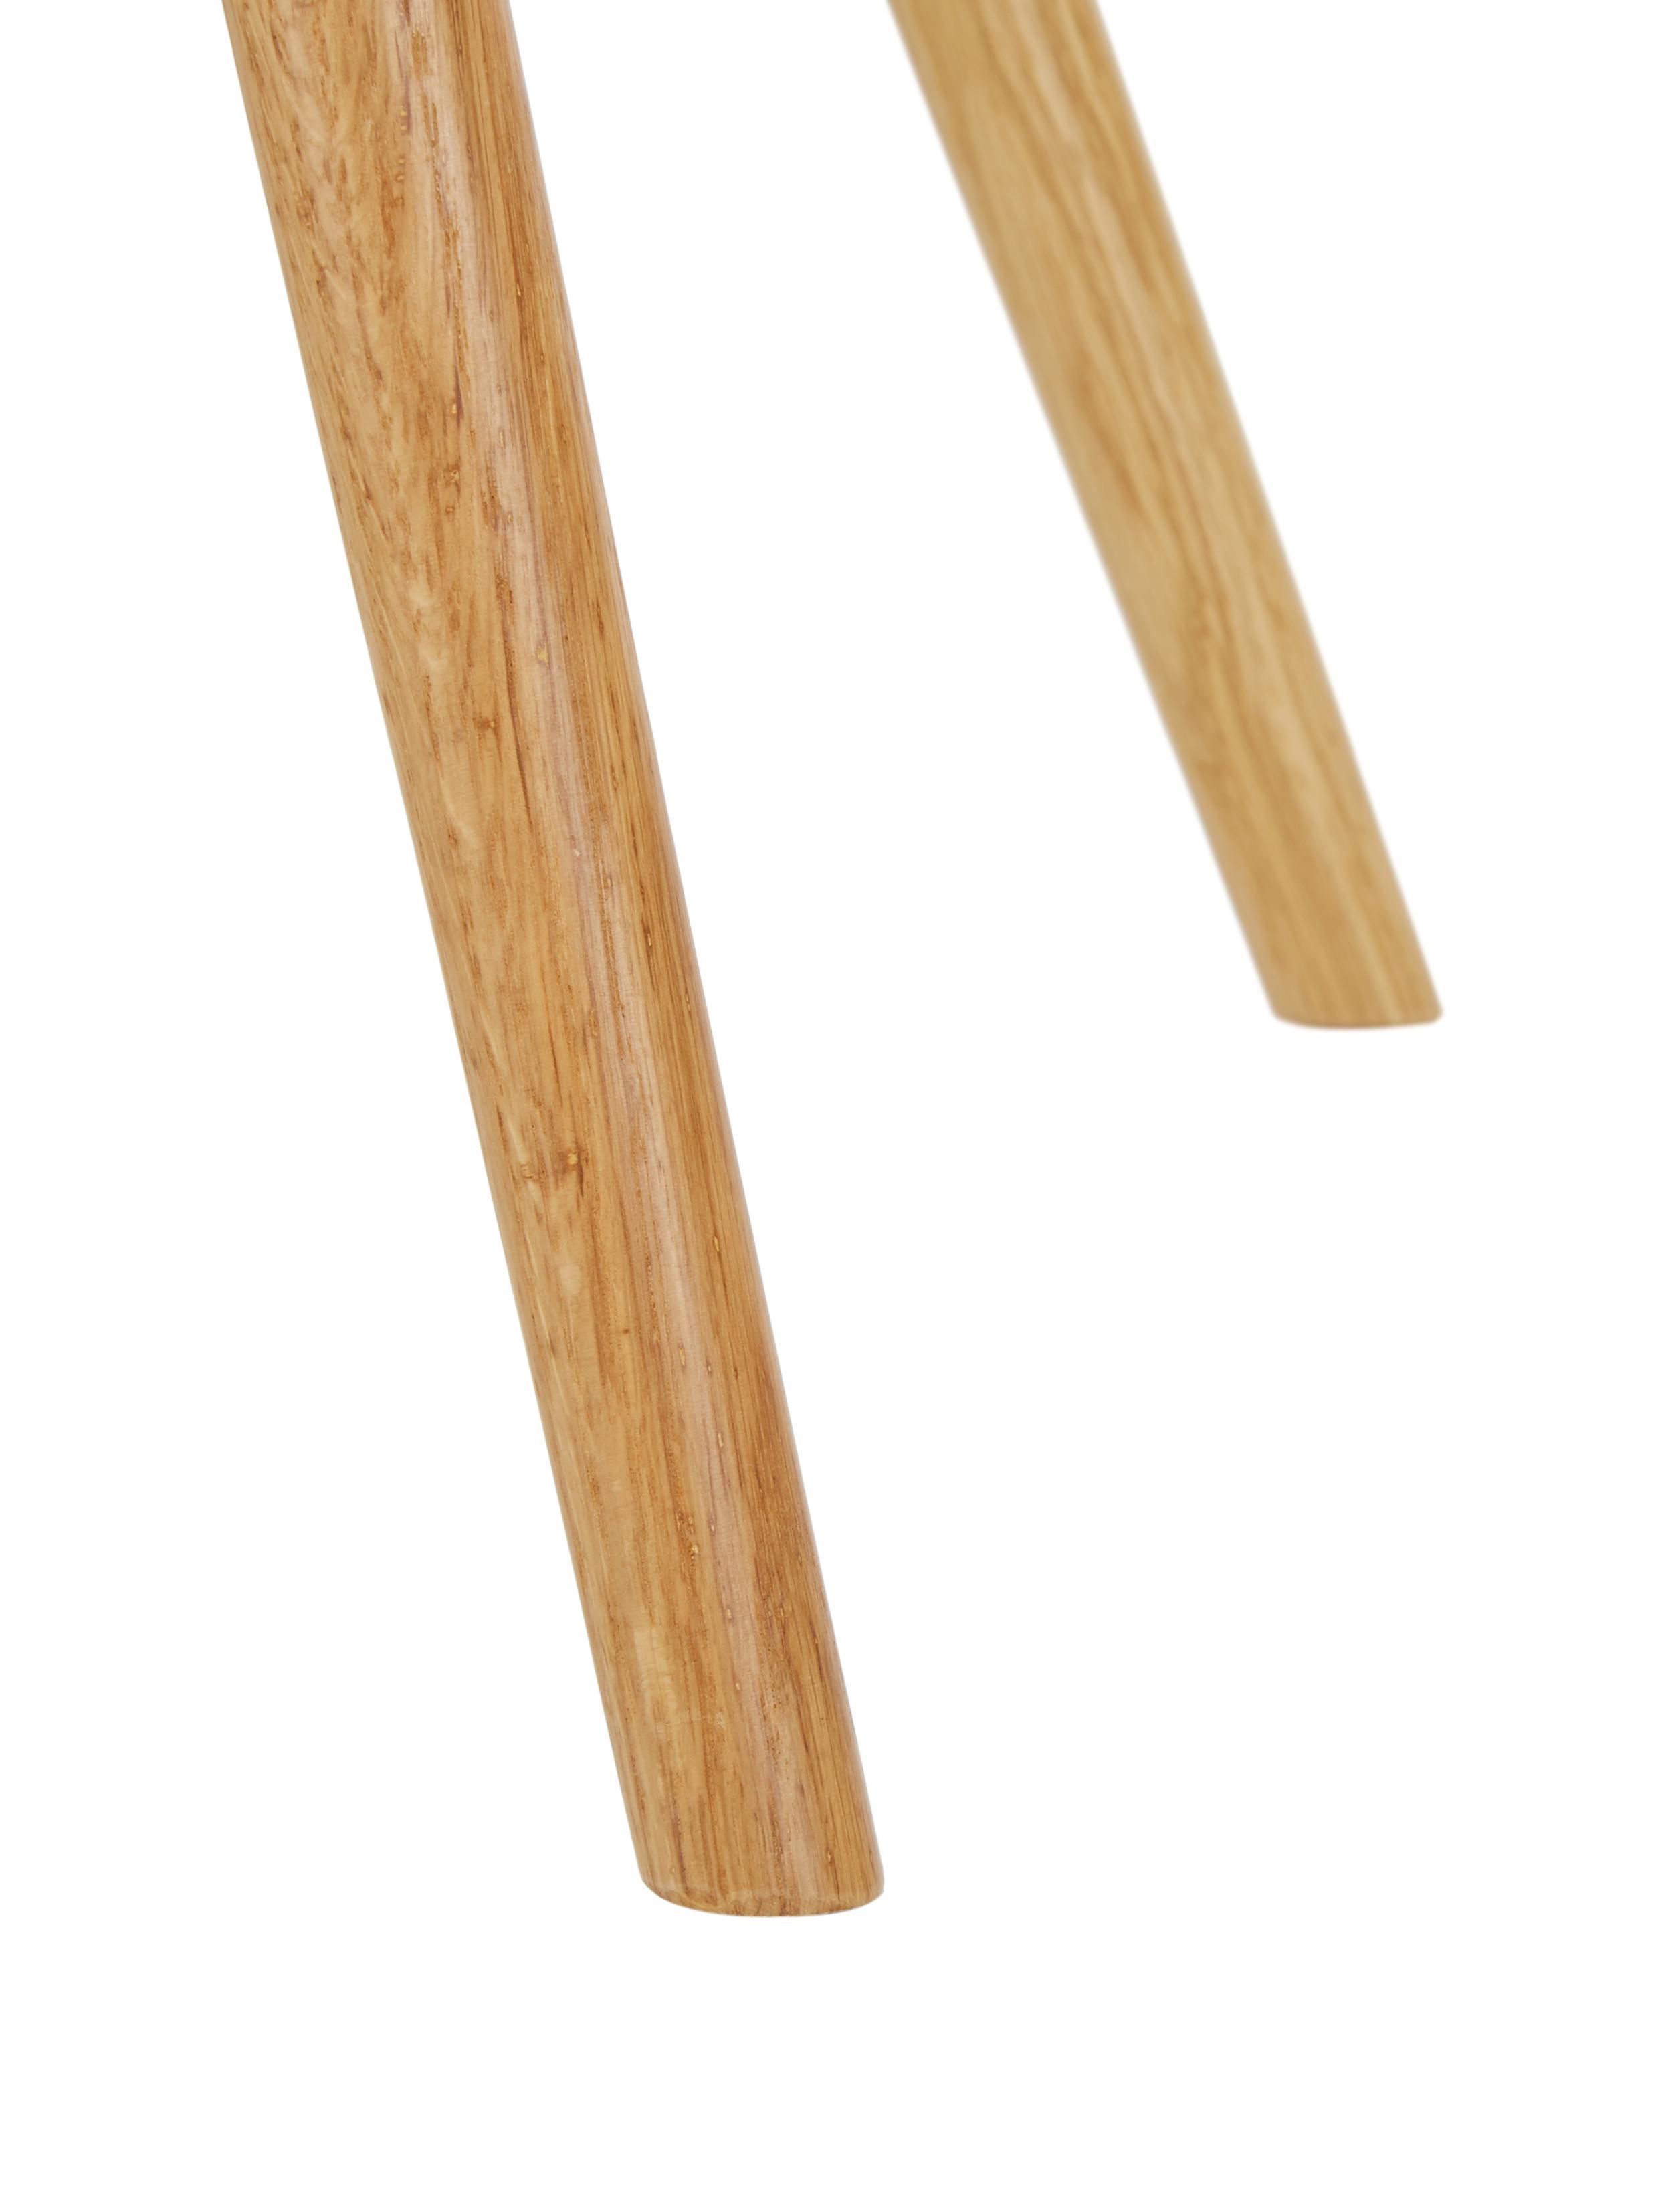 Armlehnstuhl Fiji mit Holzbeinen, Bezug: Polyester 40.000 scheuert, Beine: Massives Eichenholz, Webstoff Hellblau, Beine Eiche, B 59 x T 55 cm